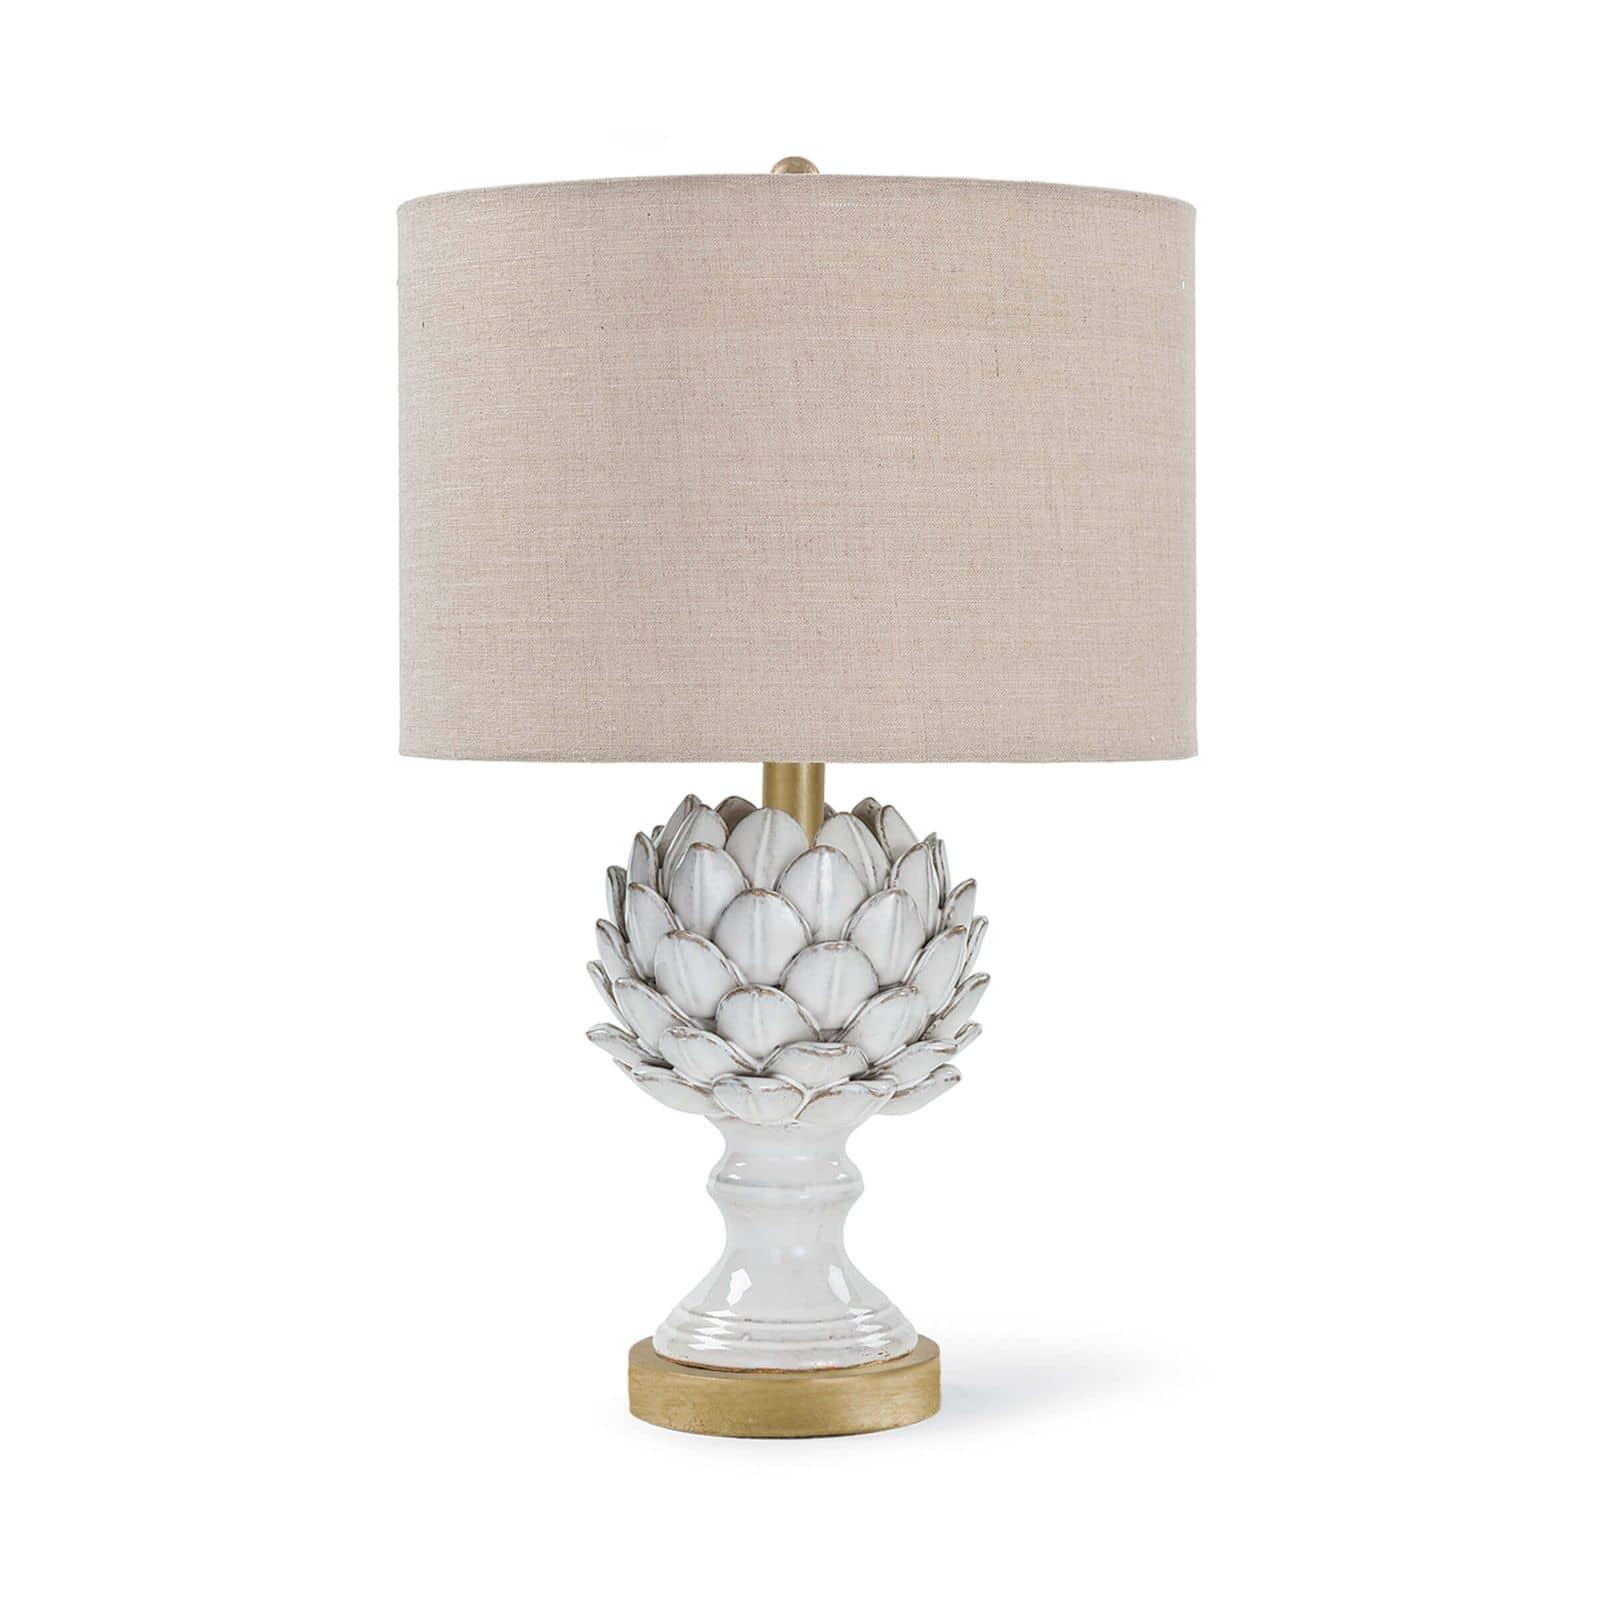 Leafy Artichoke Ceramic Table Lamp Off White | Regina Andrew